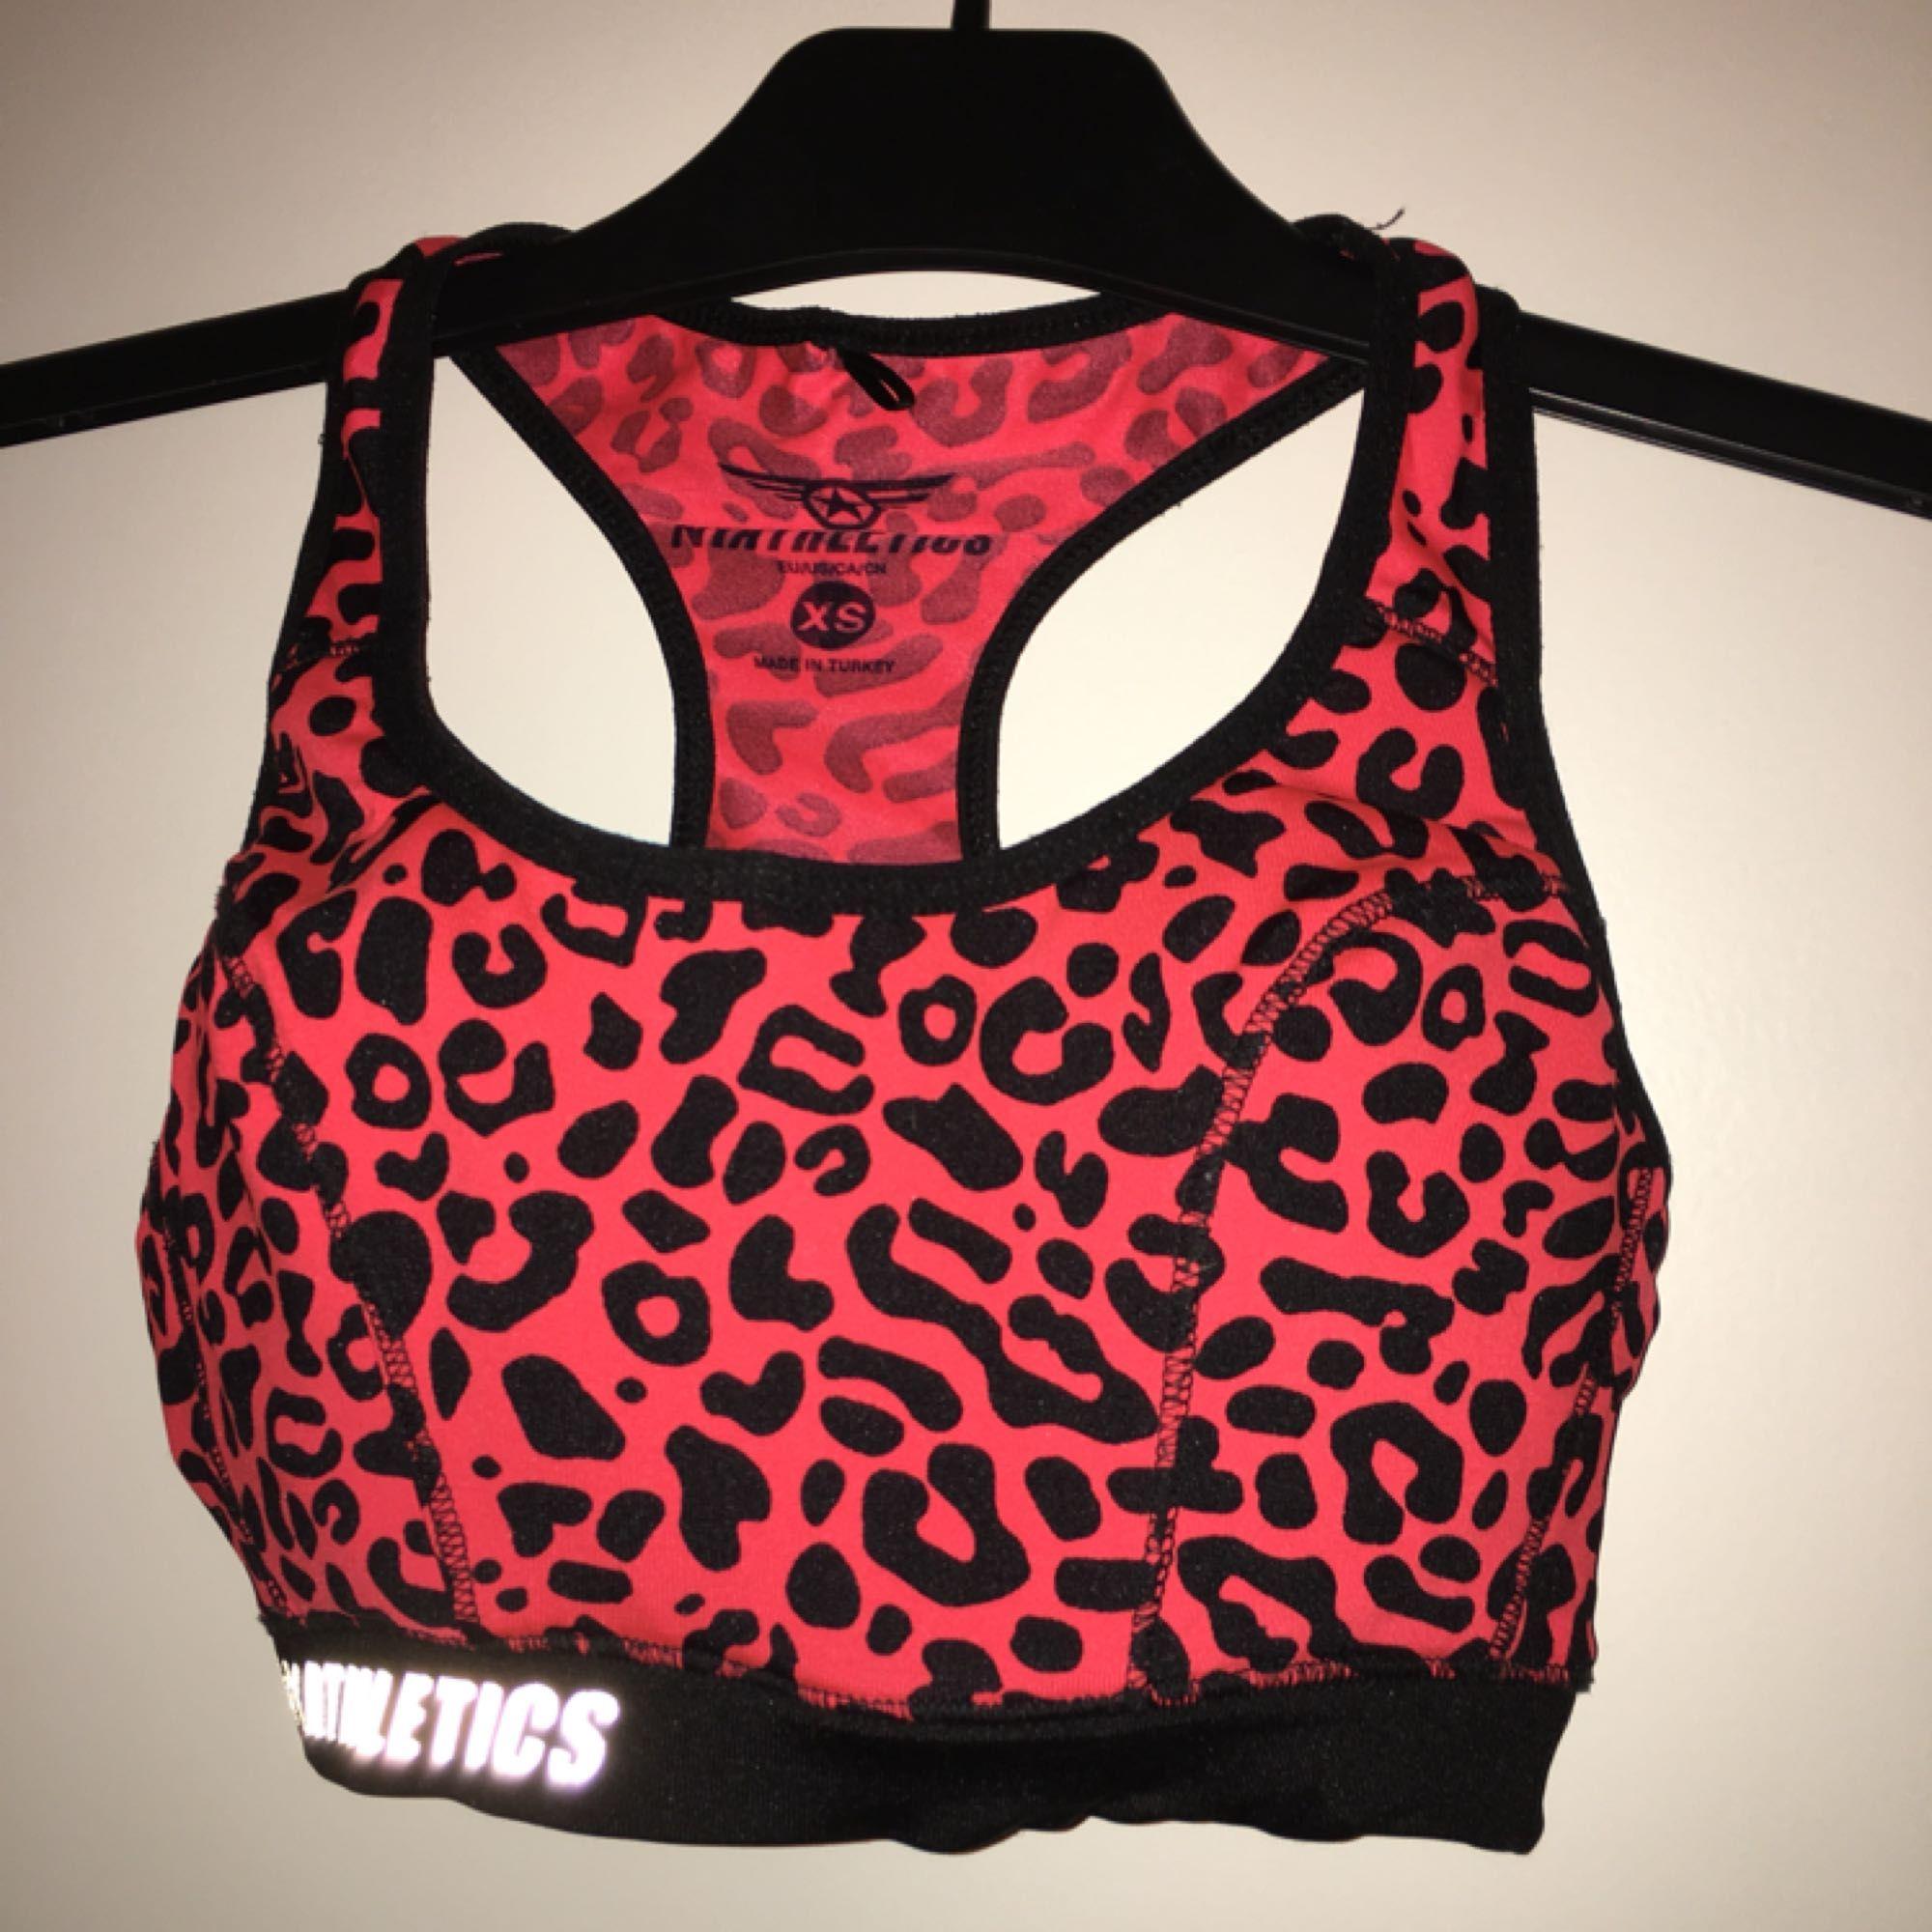 Vadderad sport-bh i rosa leopardmönster. Köparen betalar eventuell frakt. Toppar.